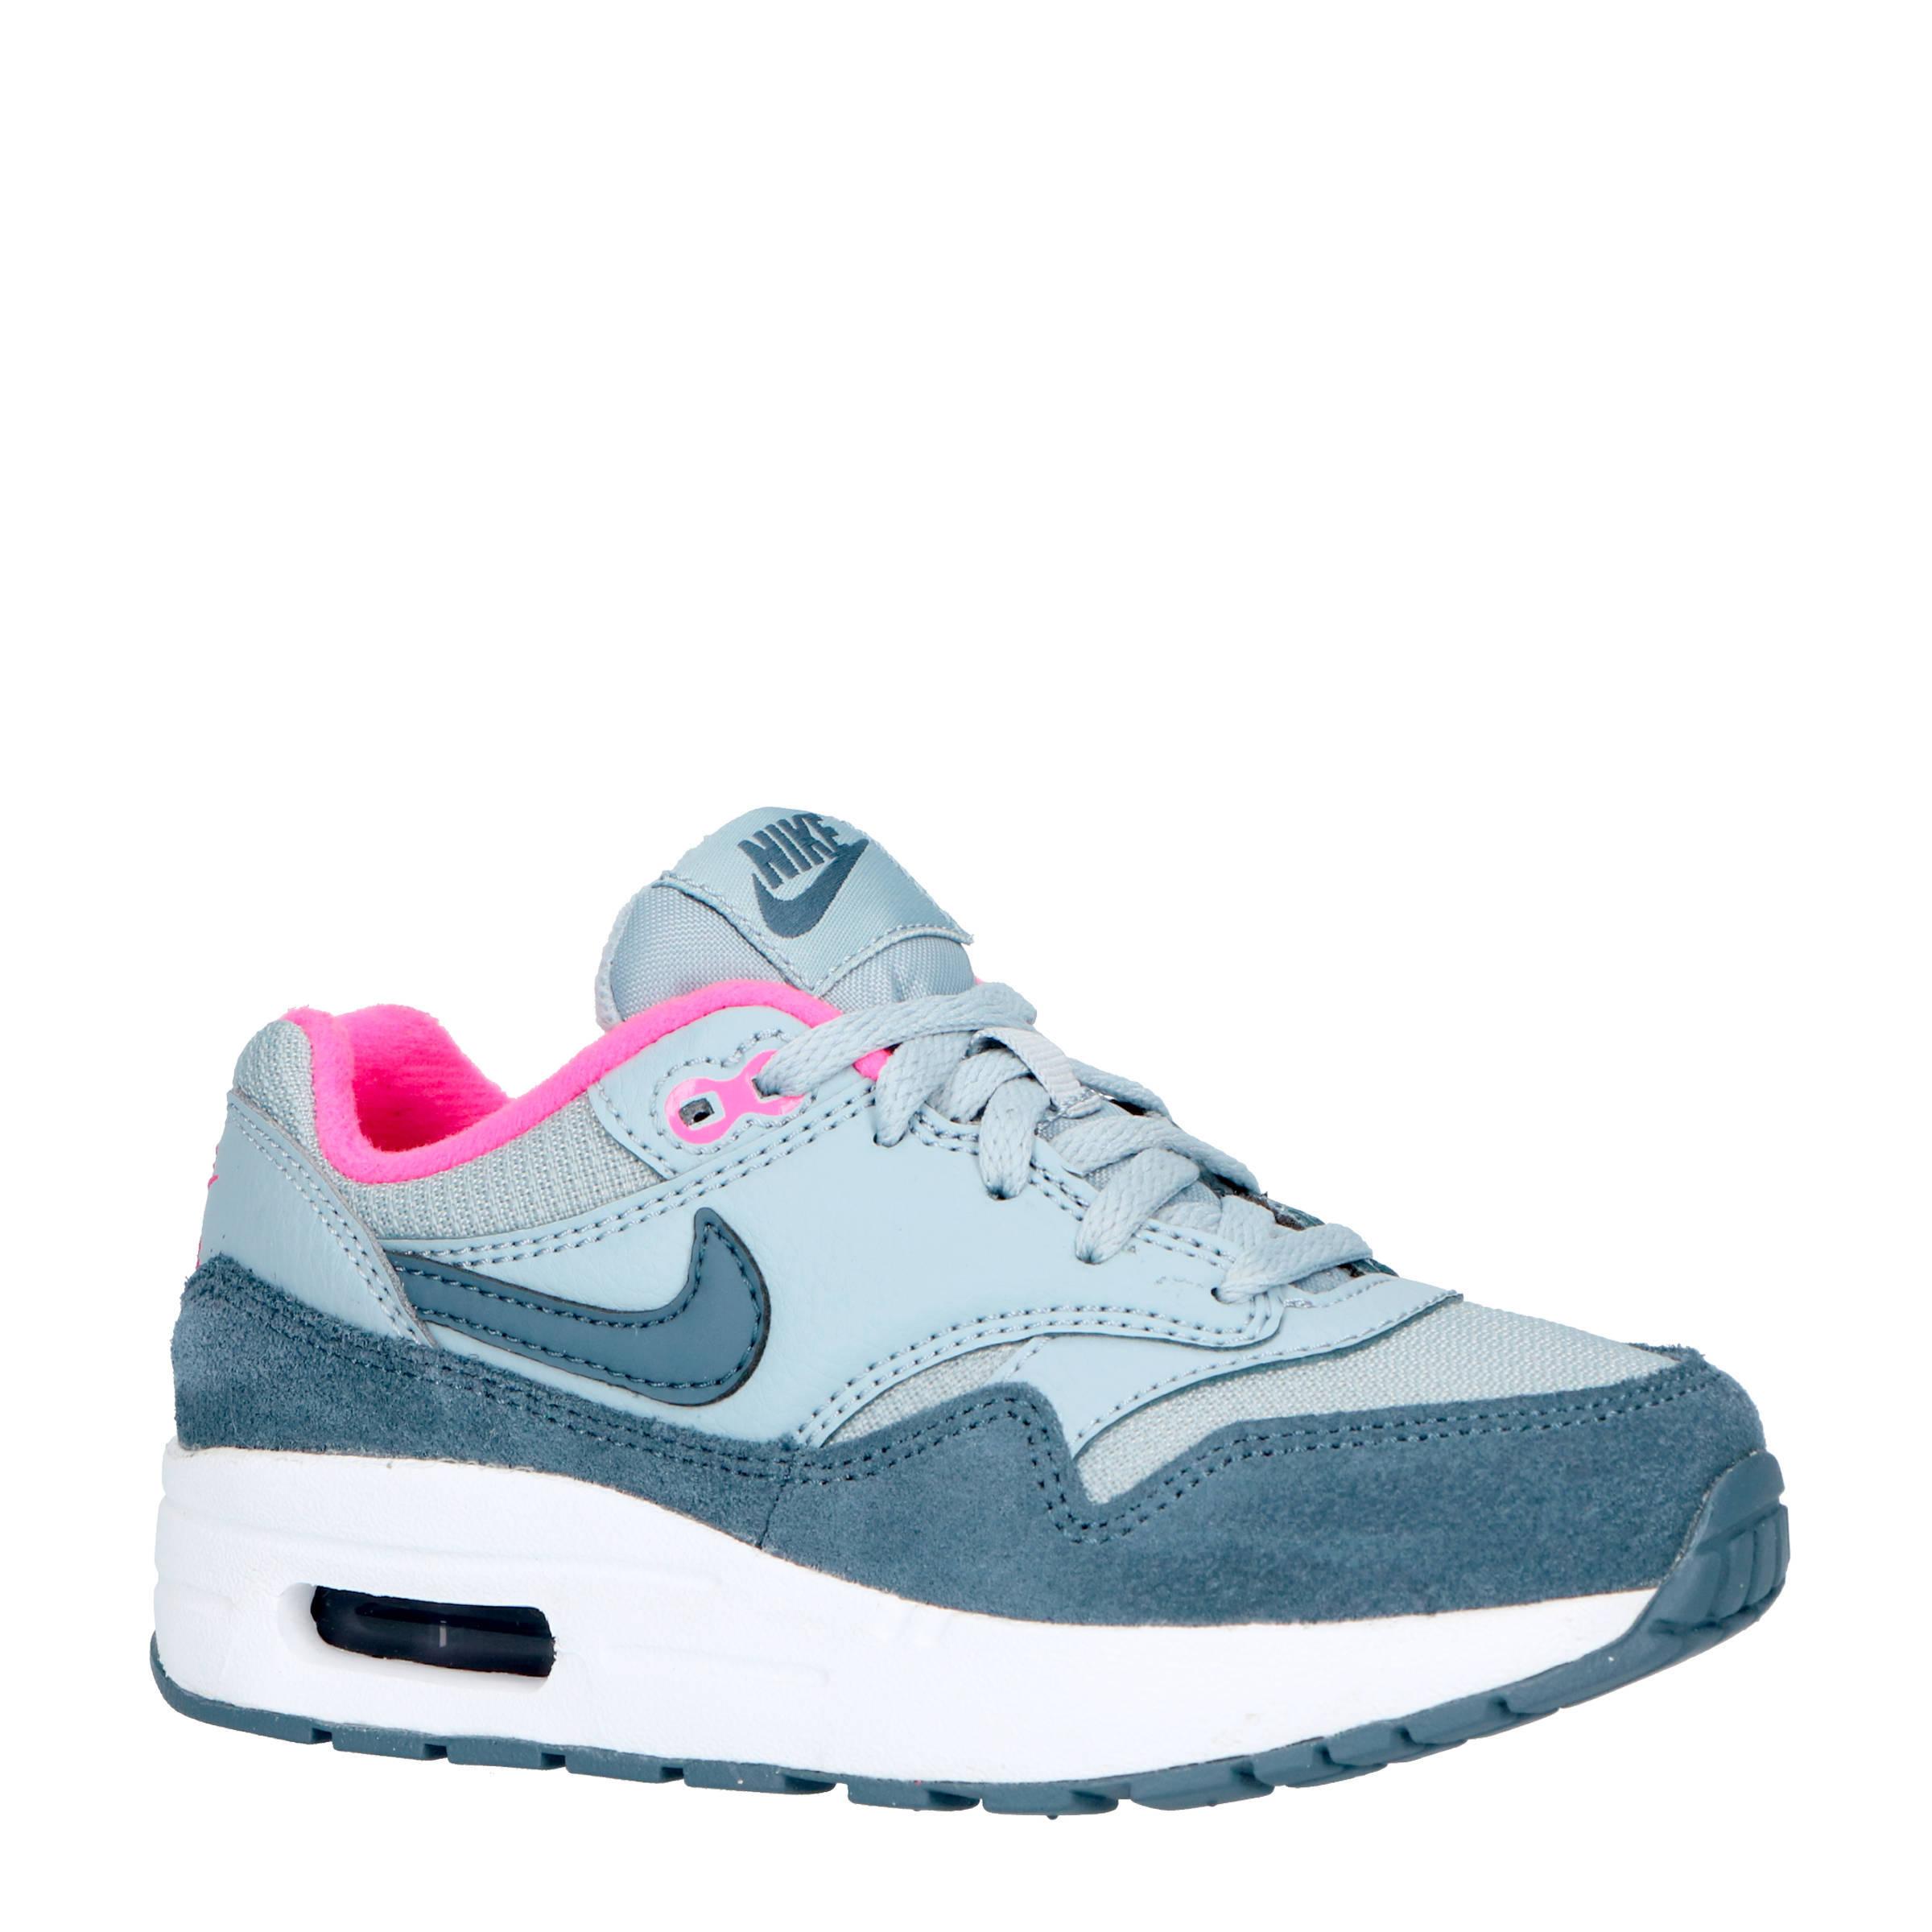 3efe32beac17a nike-sneakers-air-max-1-lichtblauw-0888408048776.jpg